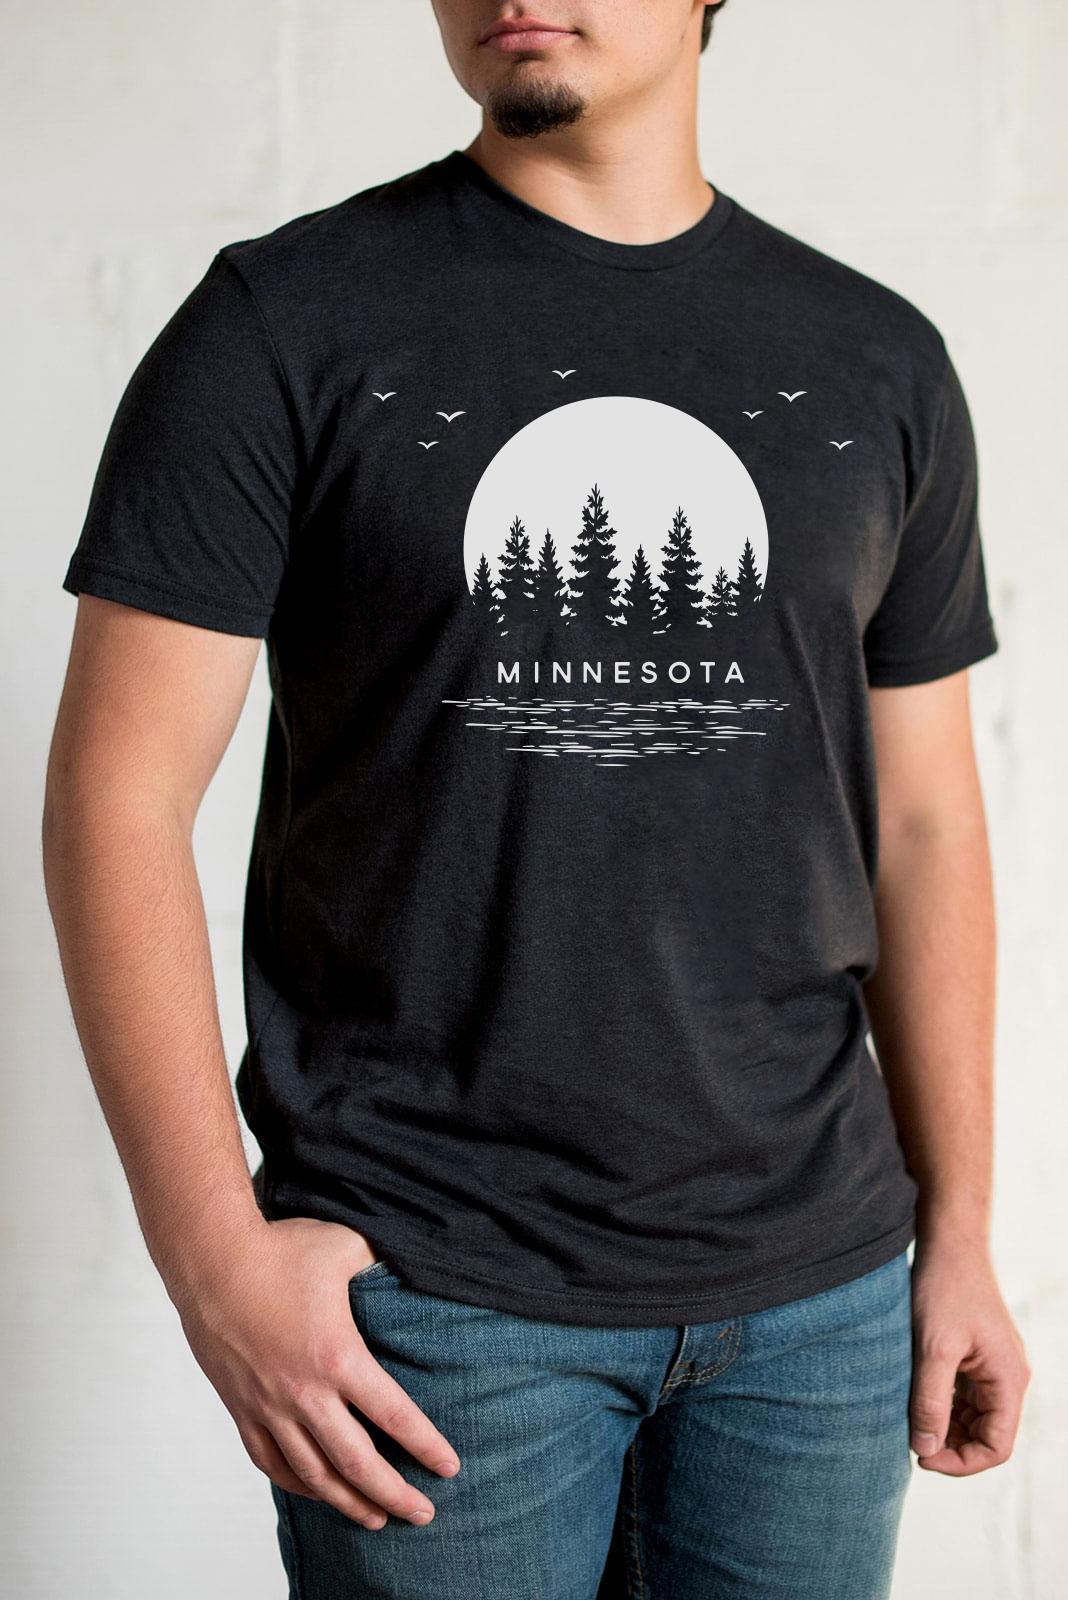 MinnesotaMens2BlackMockUp.jpg